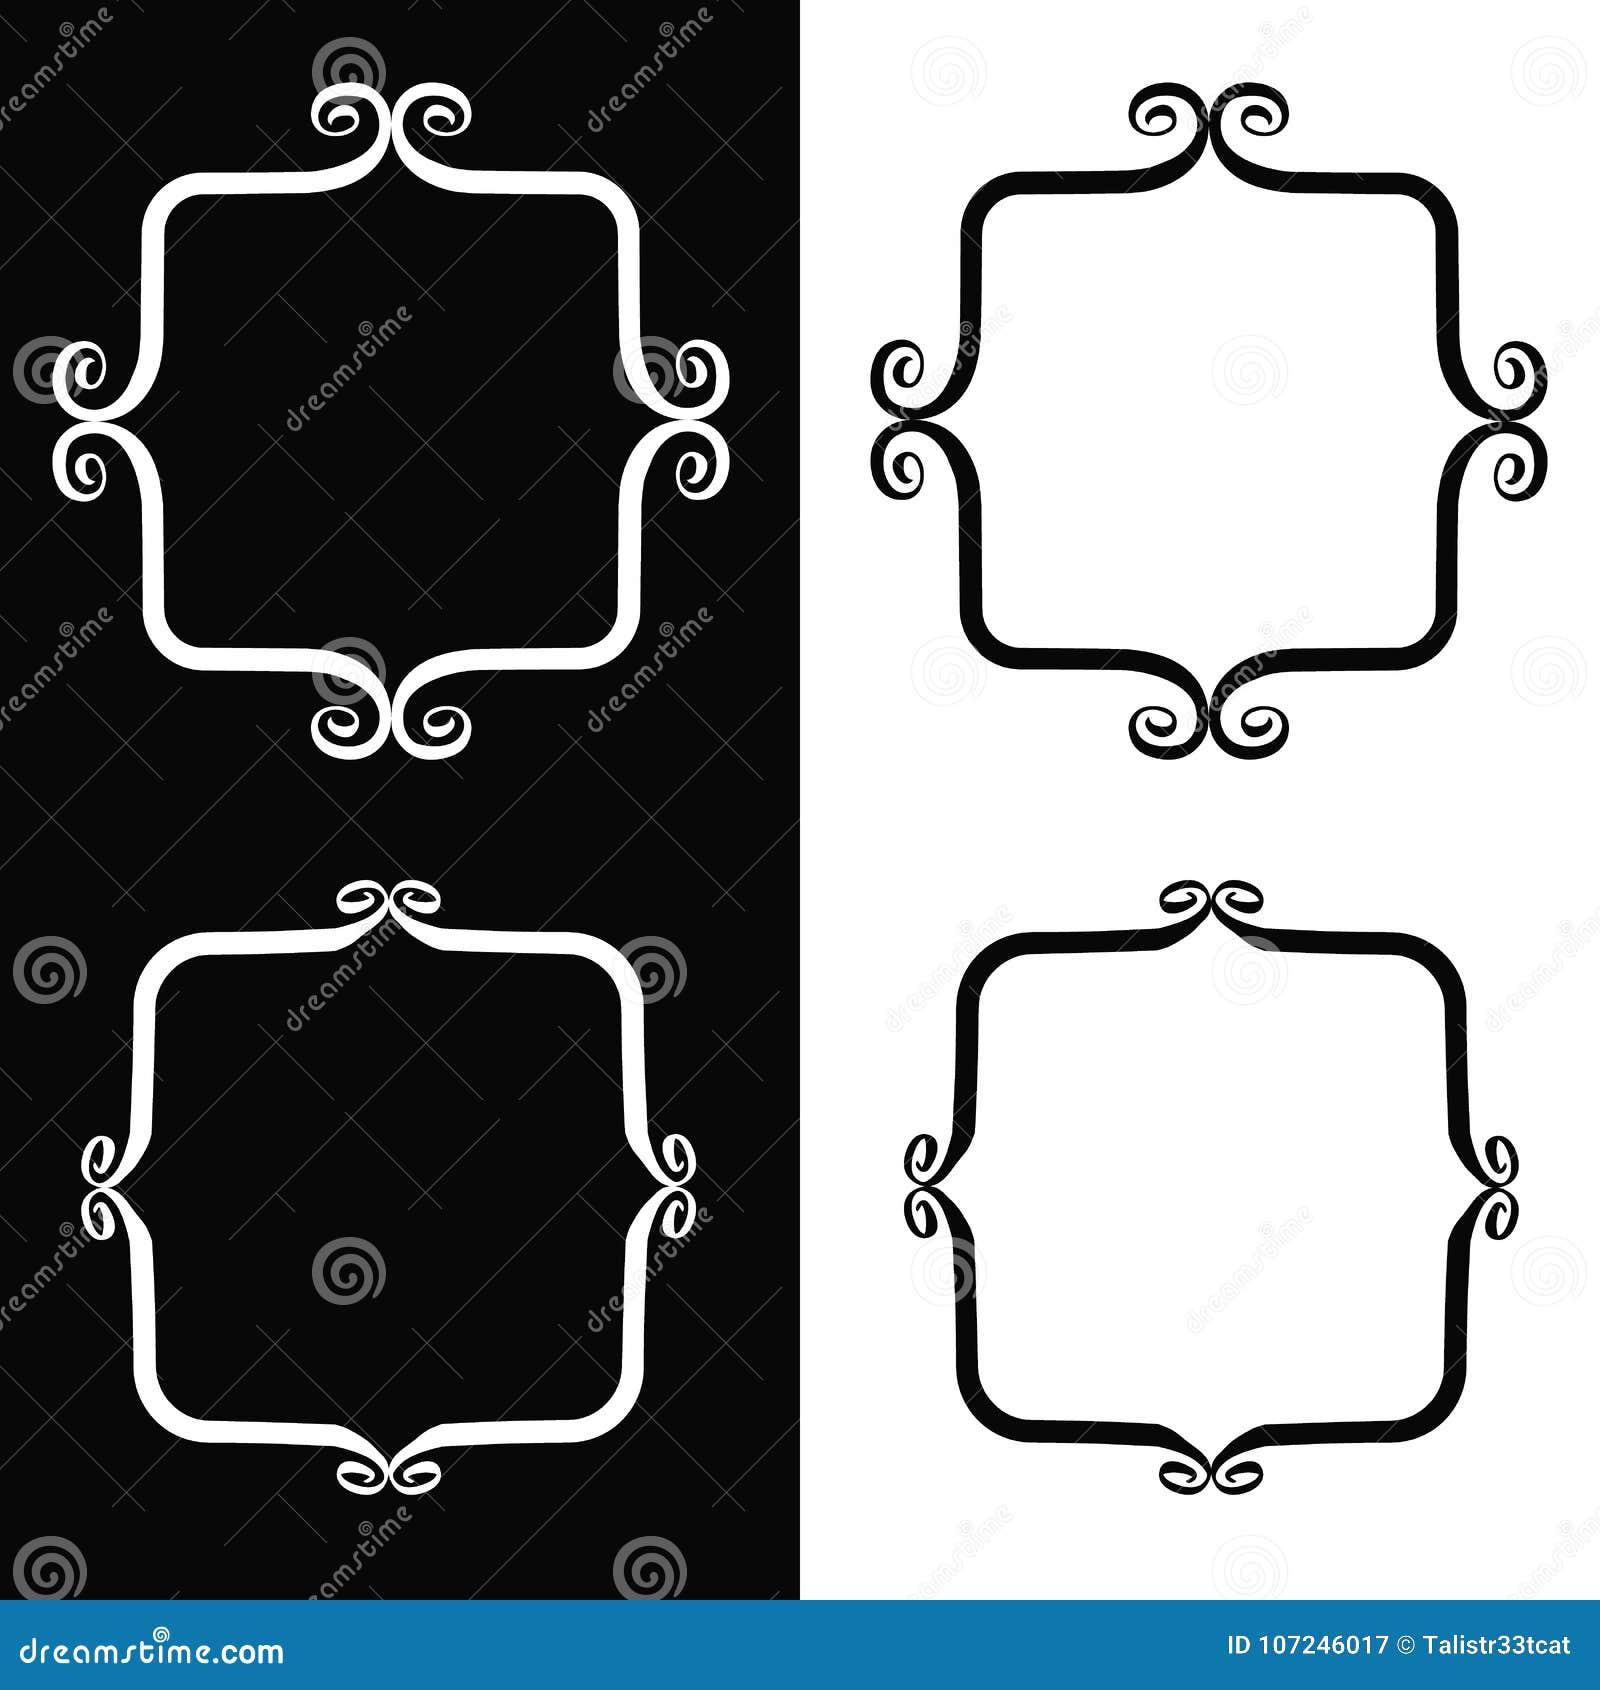 Whimsical brush frames stock vector. Illustration of line - 107246017